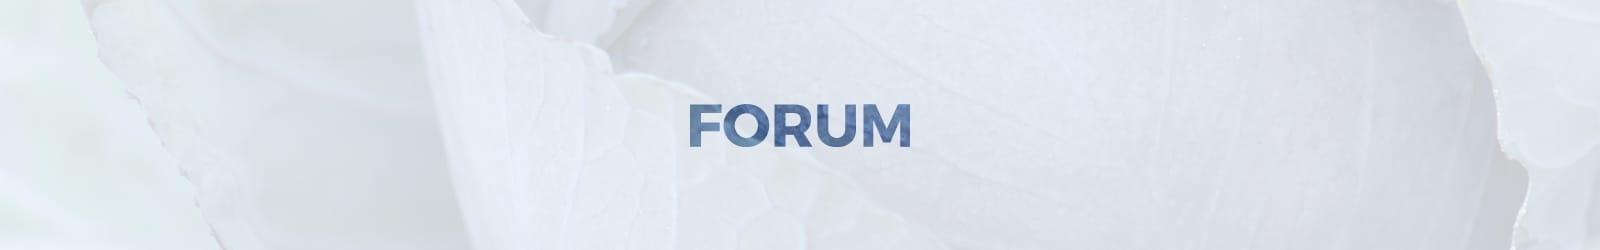 forum sub header